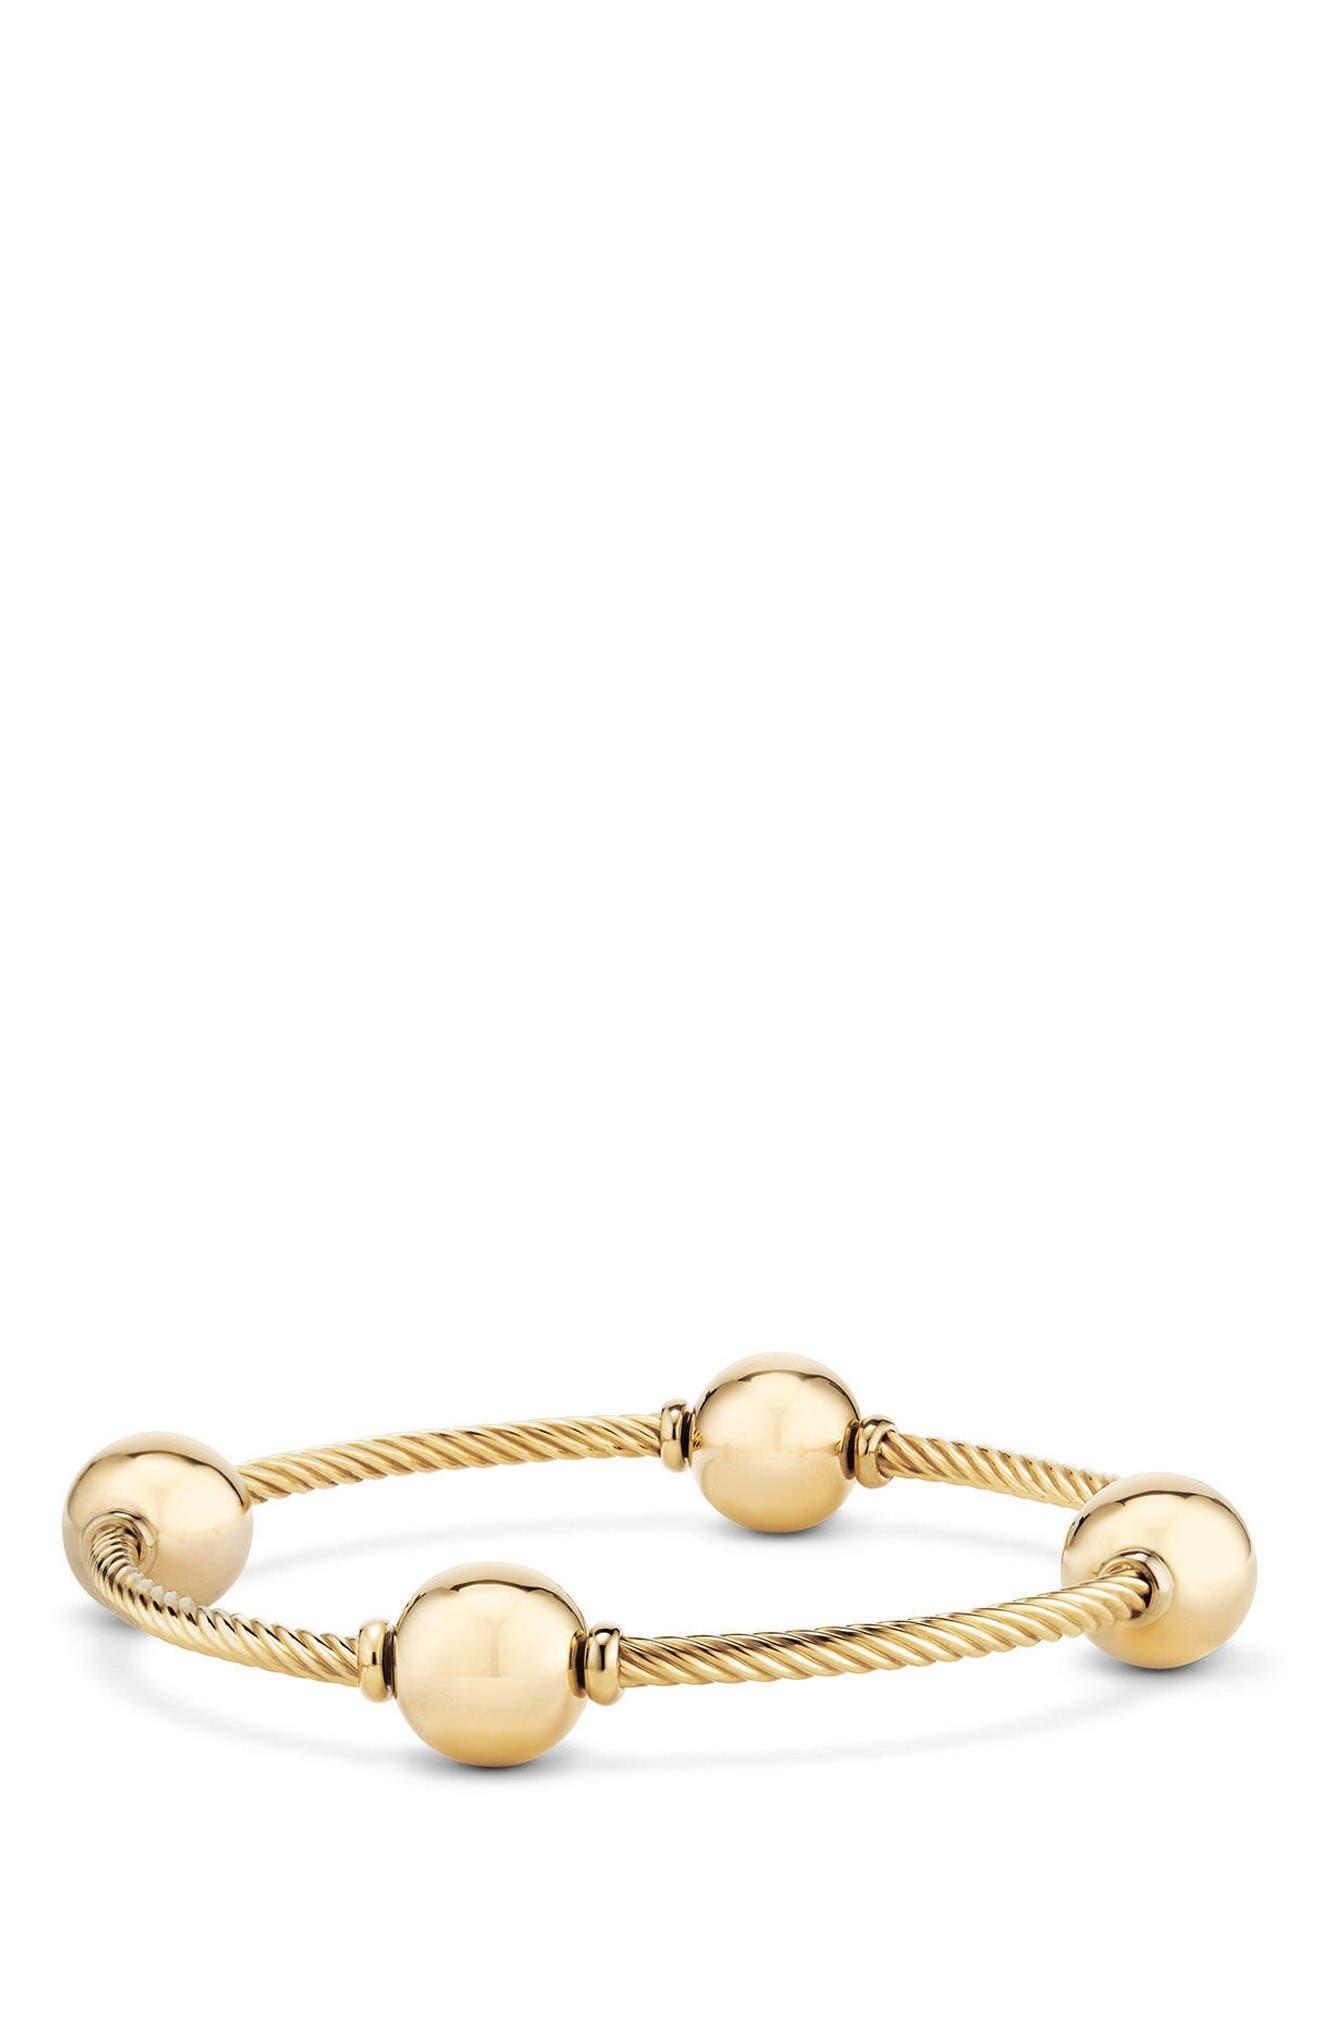 DAVID YURMAN Mustique Four Station Bangle Bracelet in 18K Gold